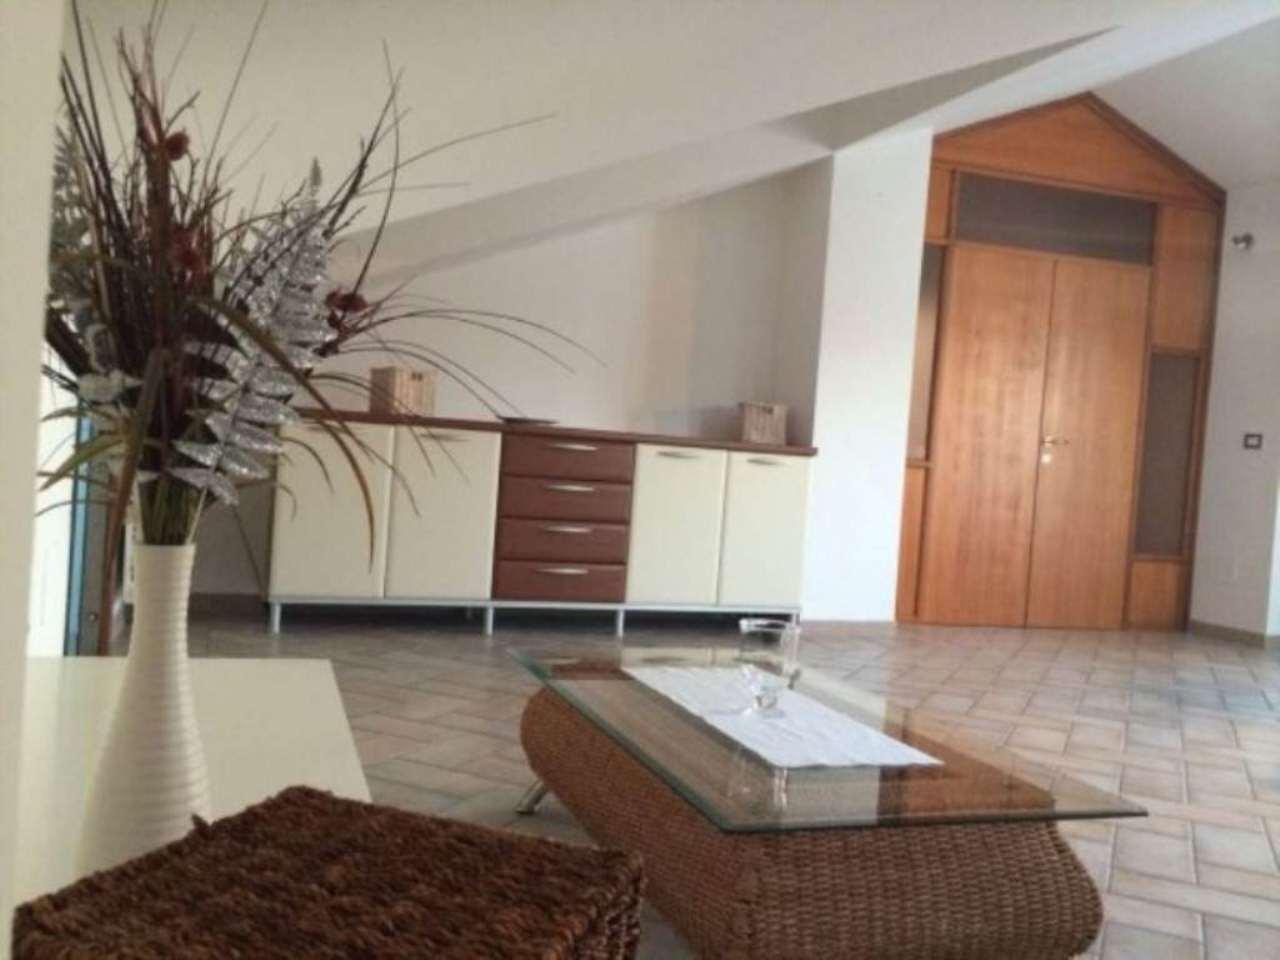 Attico / Mansarda in vendita a Francavilla al Mare, 4 locali, prezzo € 120.000   Cambio Casa.it